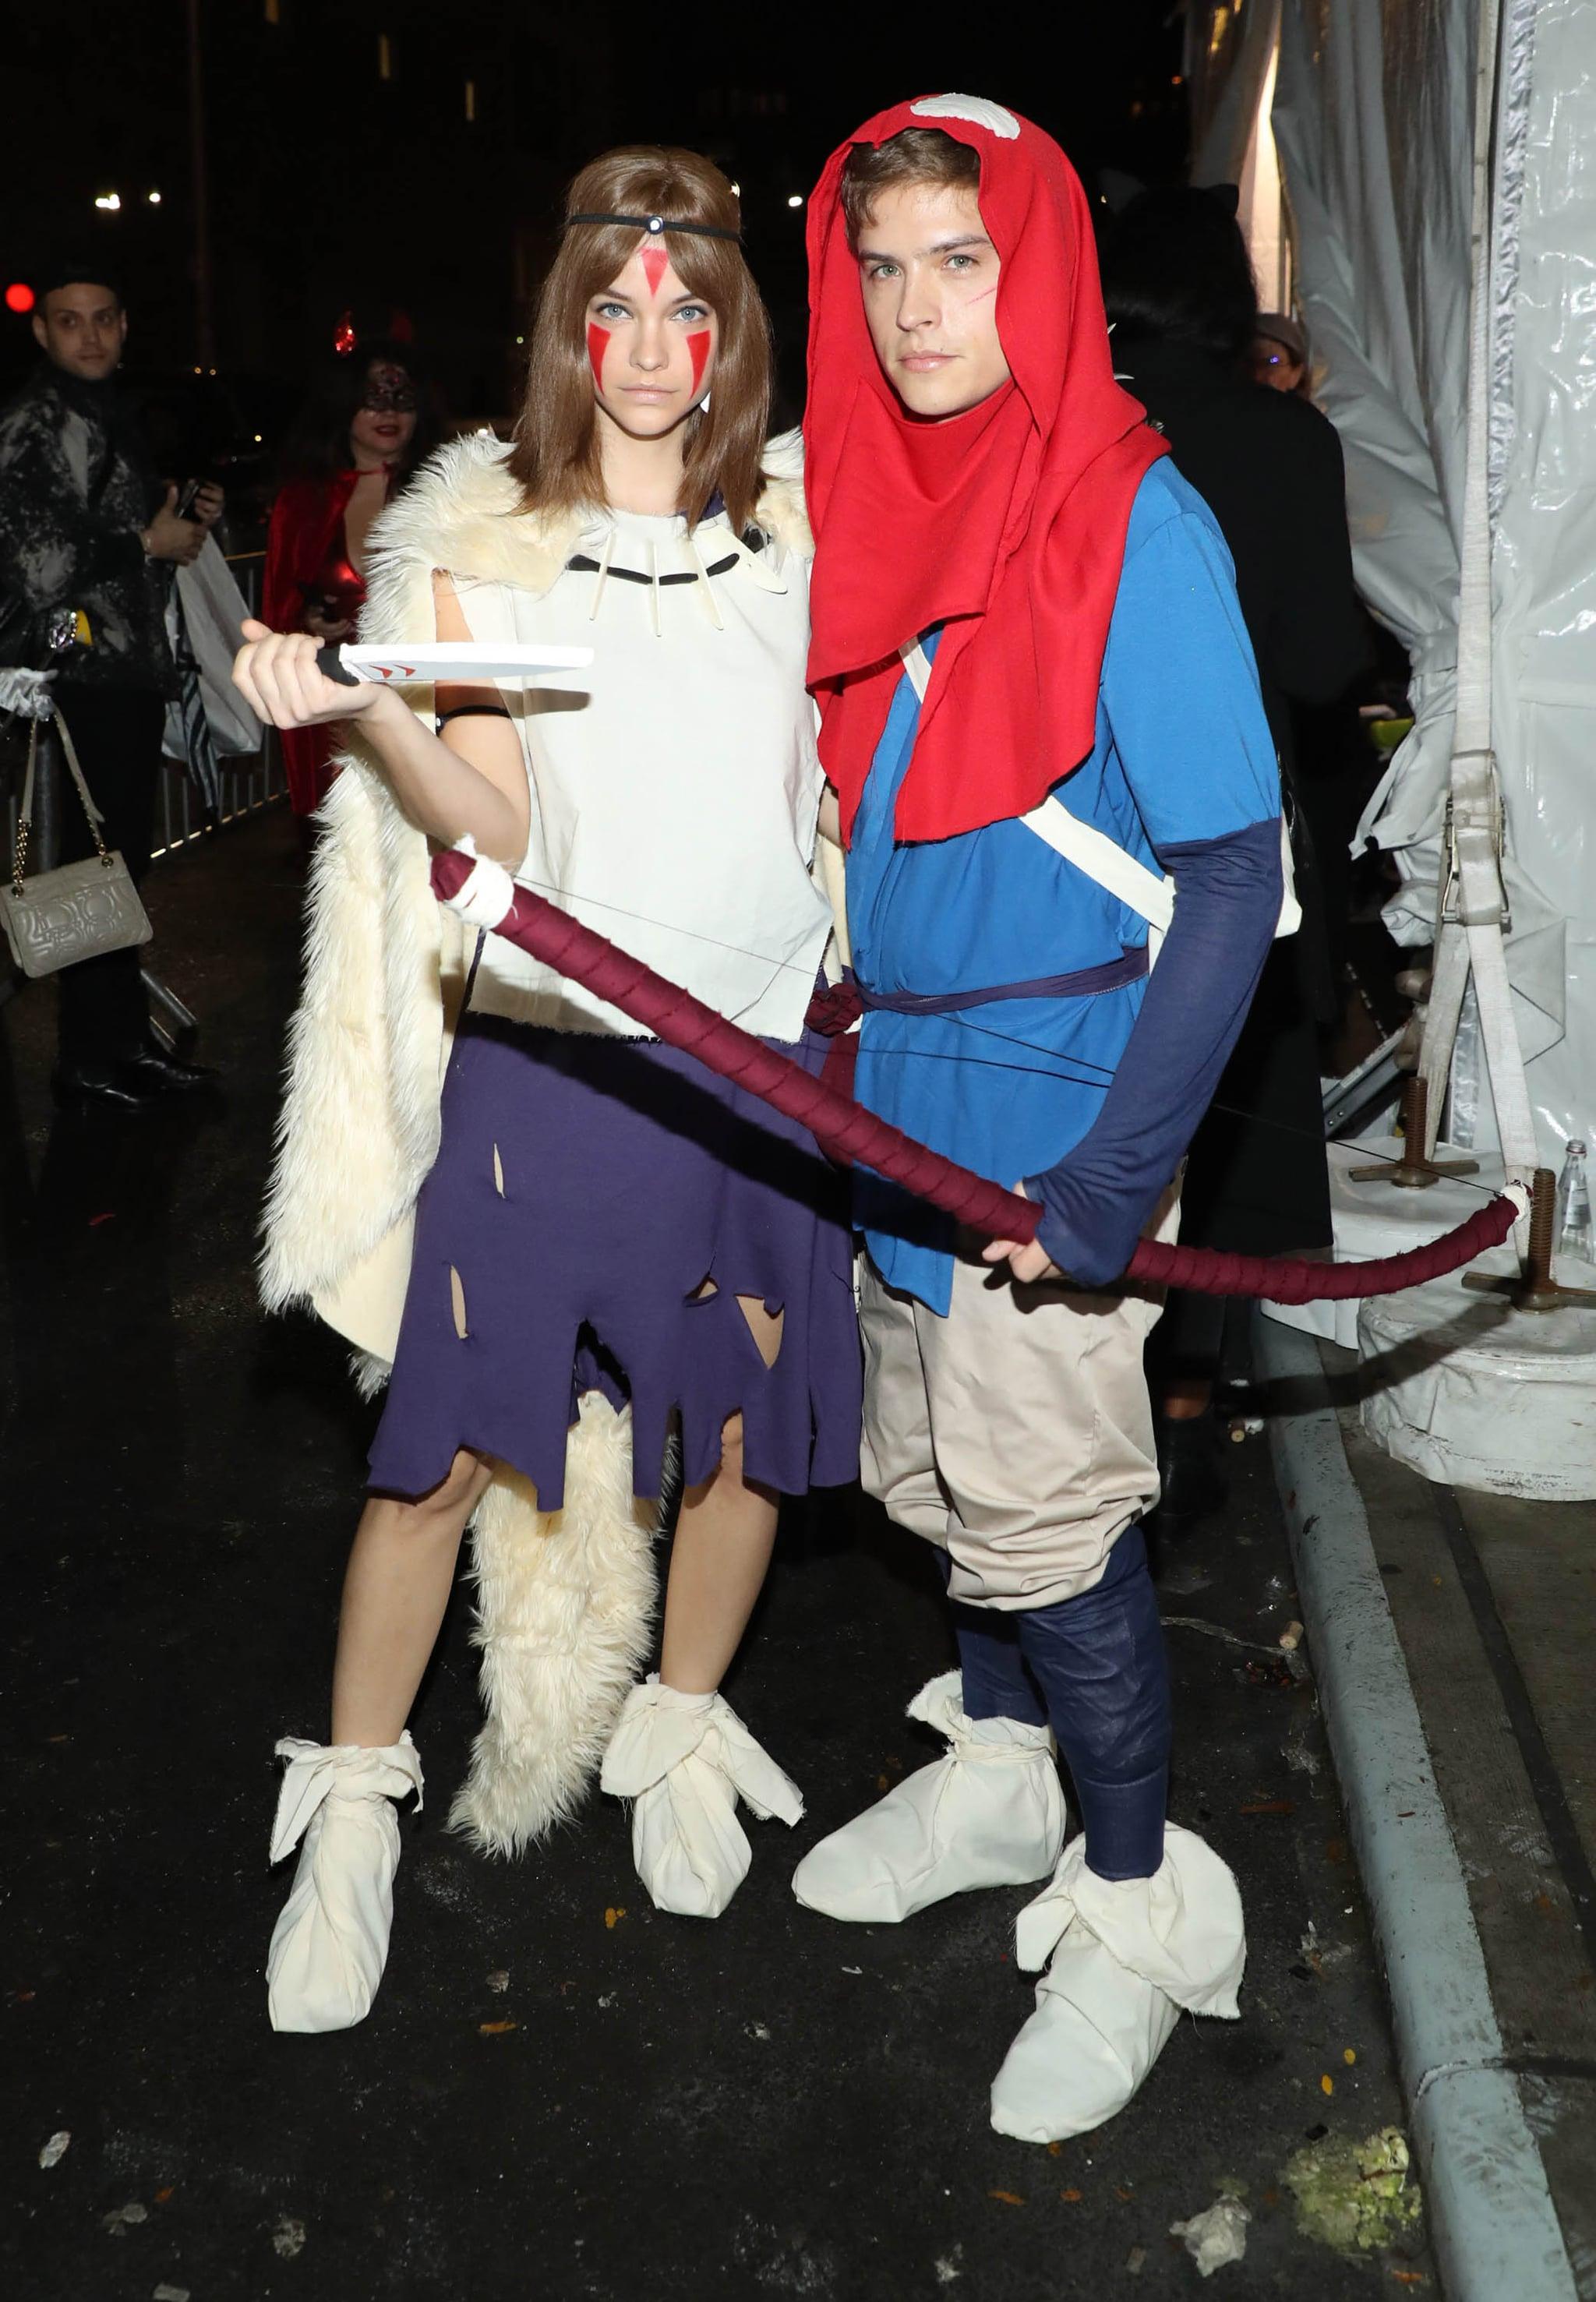 Barbara Palvin And Dylan Sprouse As Ashitaka And San From Princess